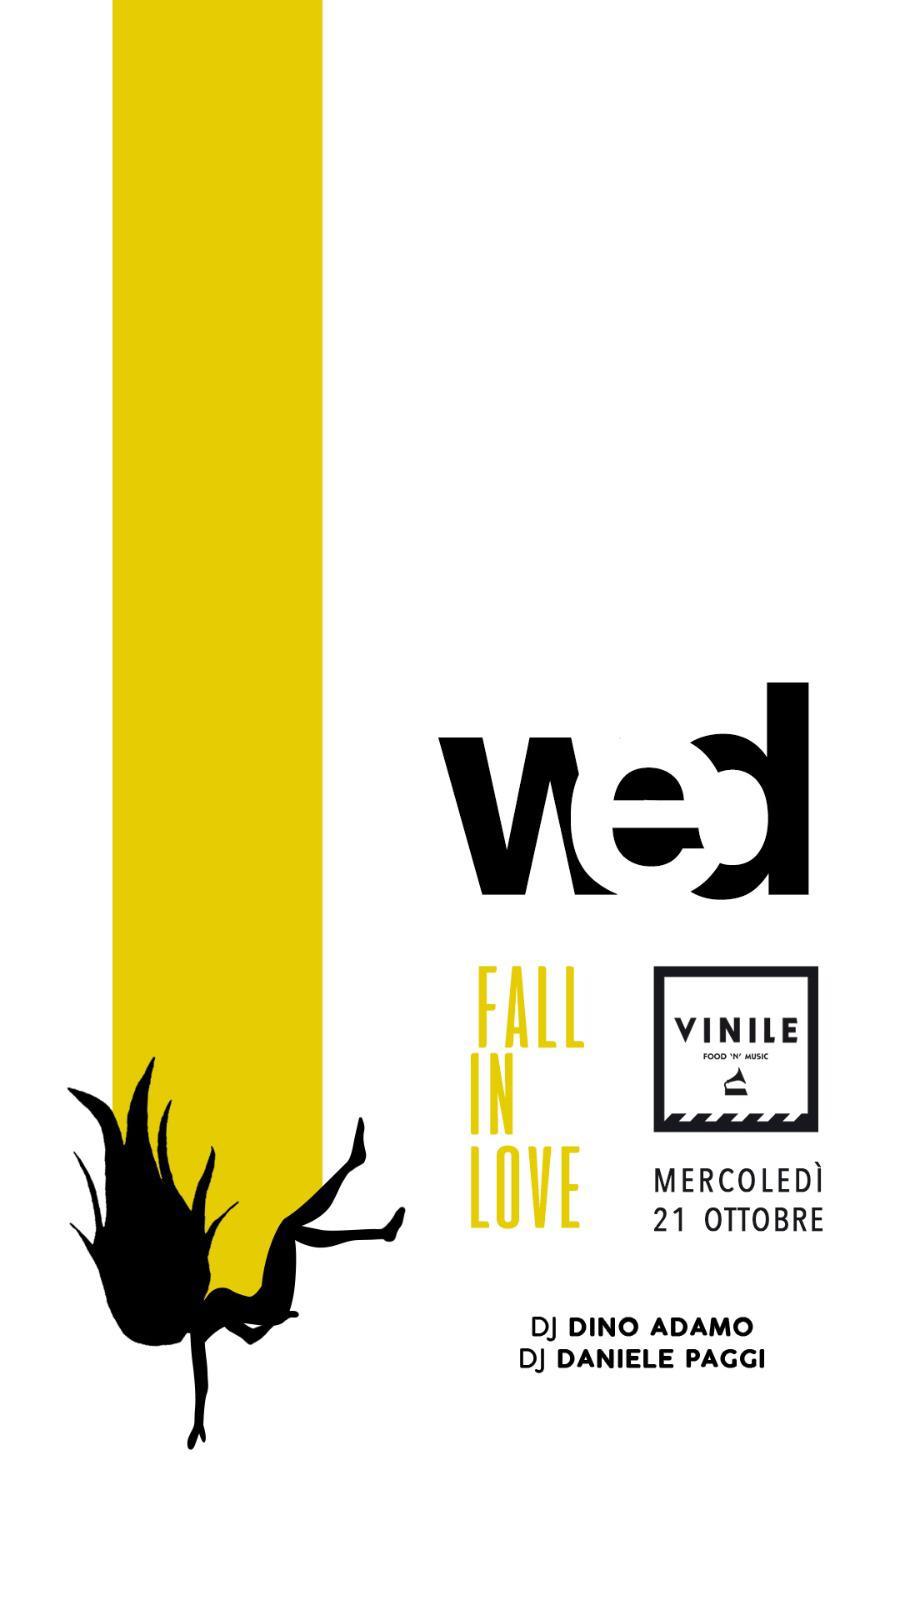 Vinile mercoledi 21 ottobre Aperitivo e Live Music